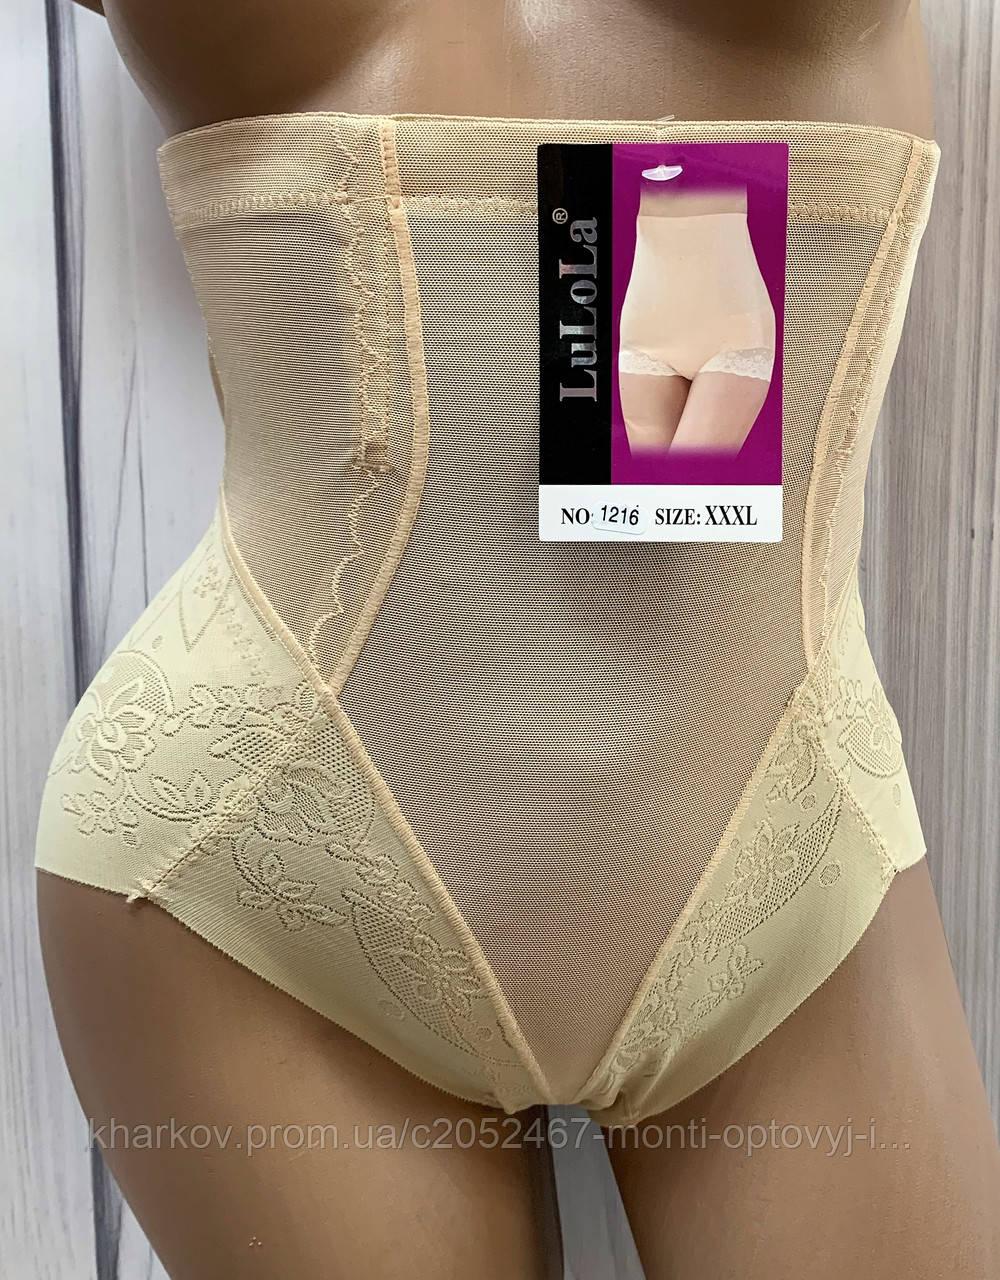 Магазин женского белья корректирующего самое лучшее бренды женское нижнее белье